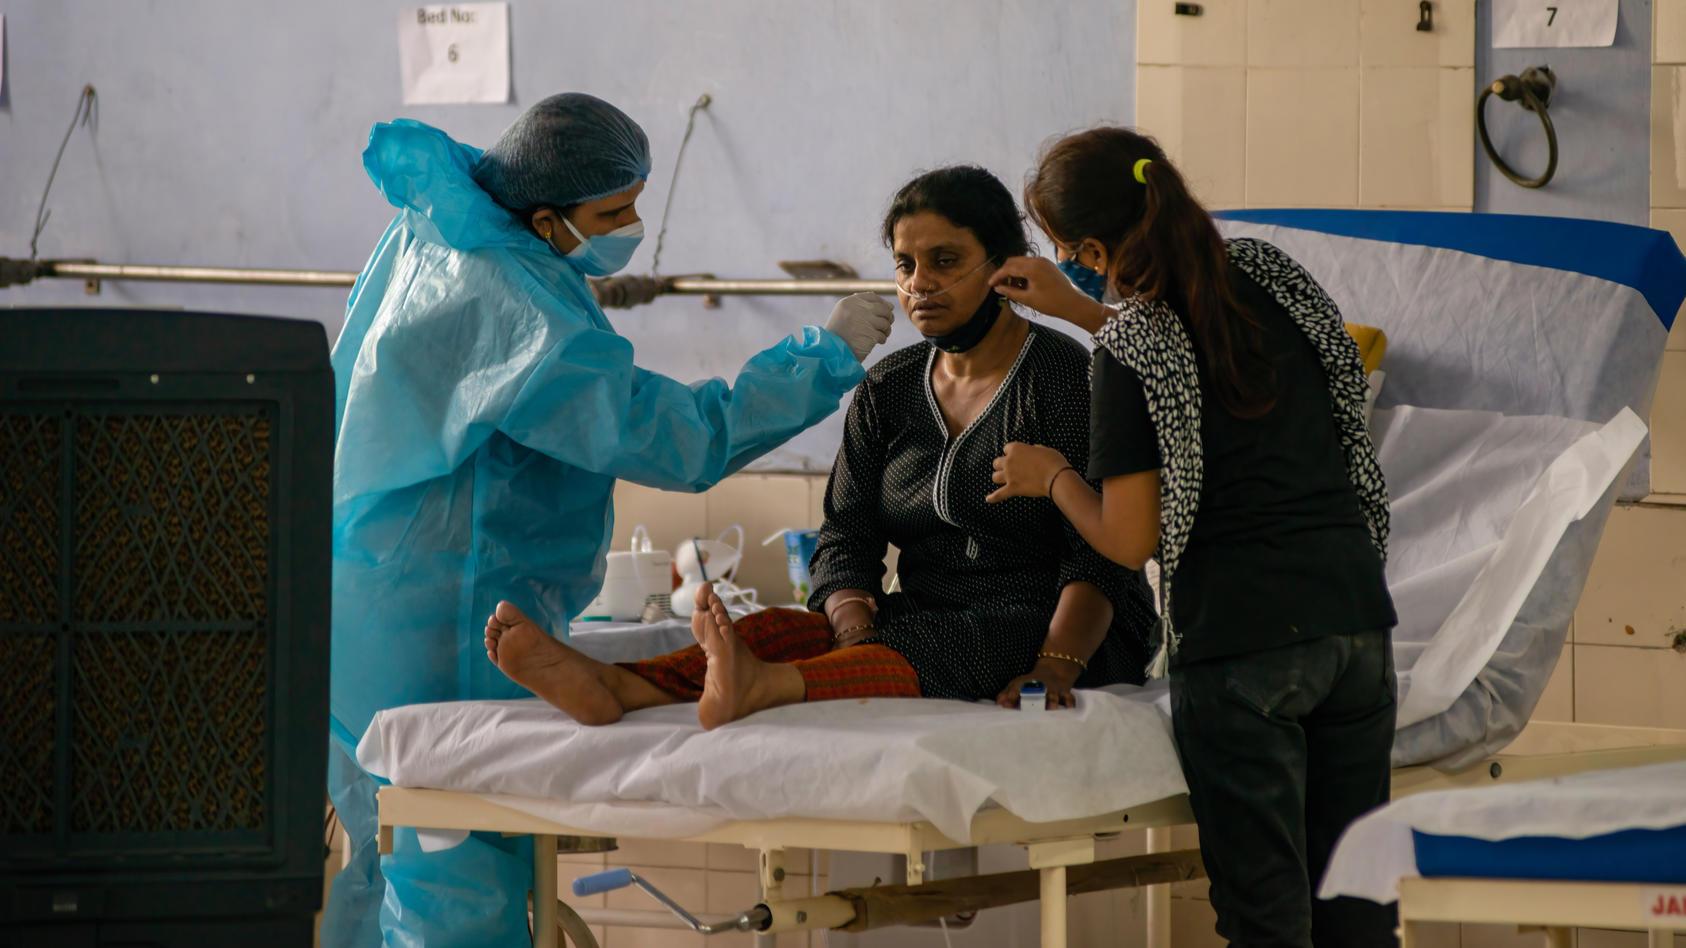 In Indien kämpfen die Menschen weiter gegen die zweite Welle der Corona-Pandemie - und einer neuen Epidemie, der Mukormykose.